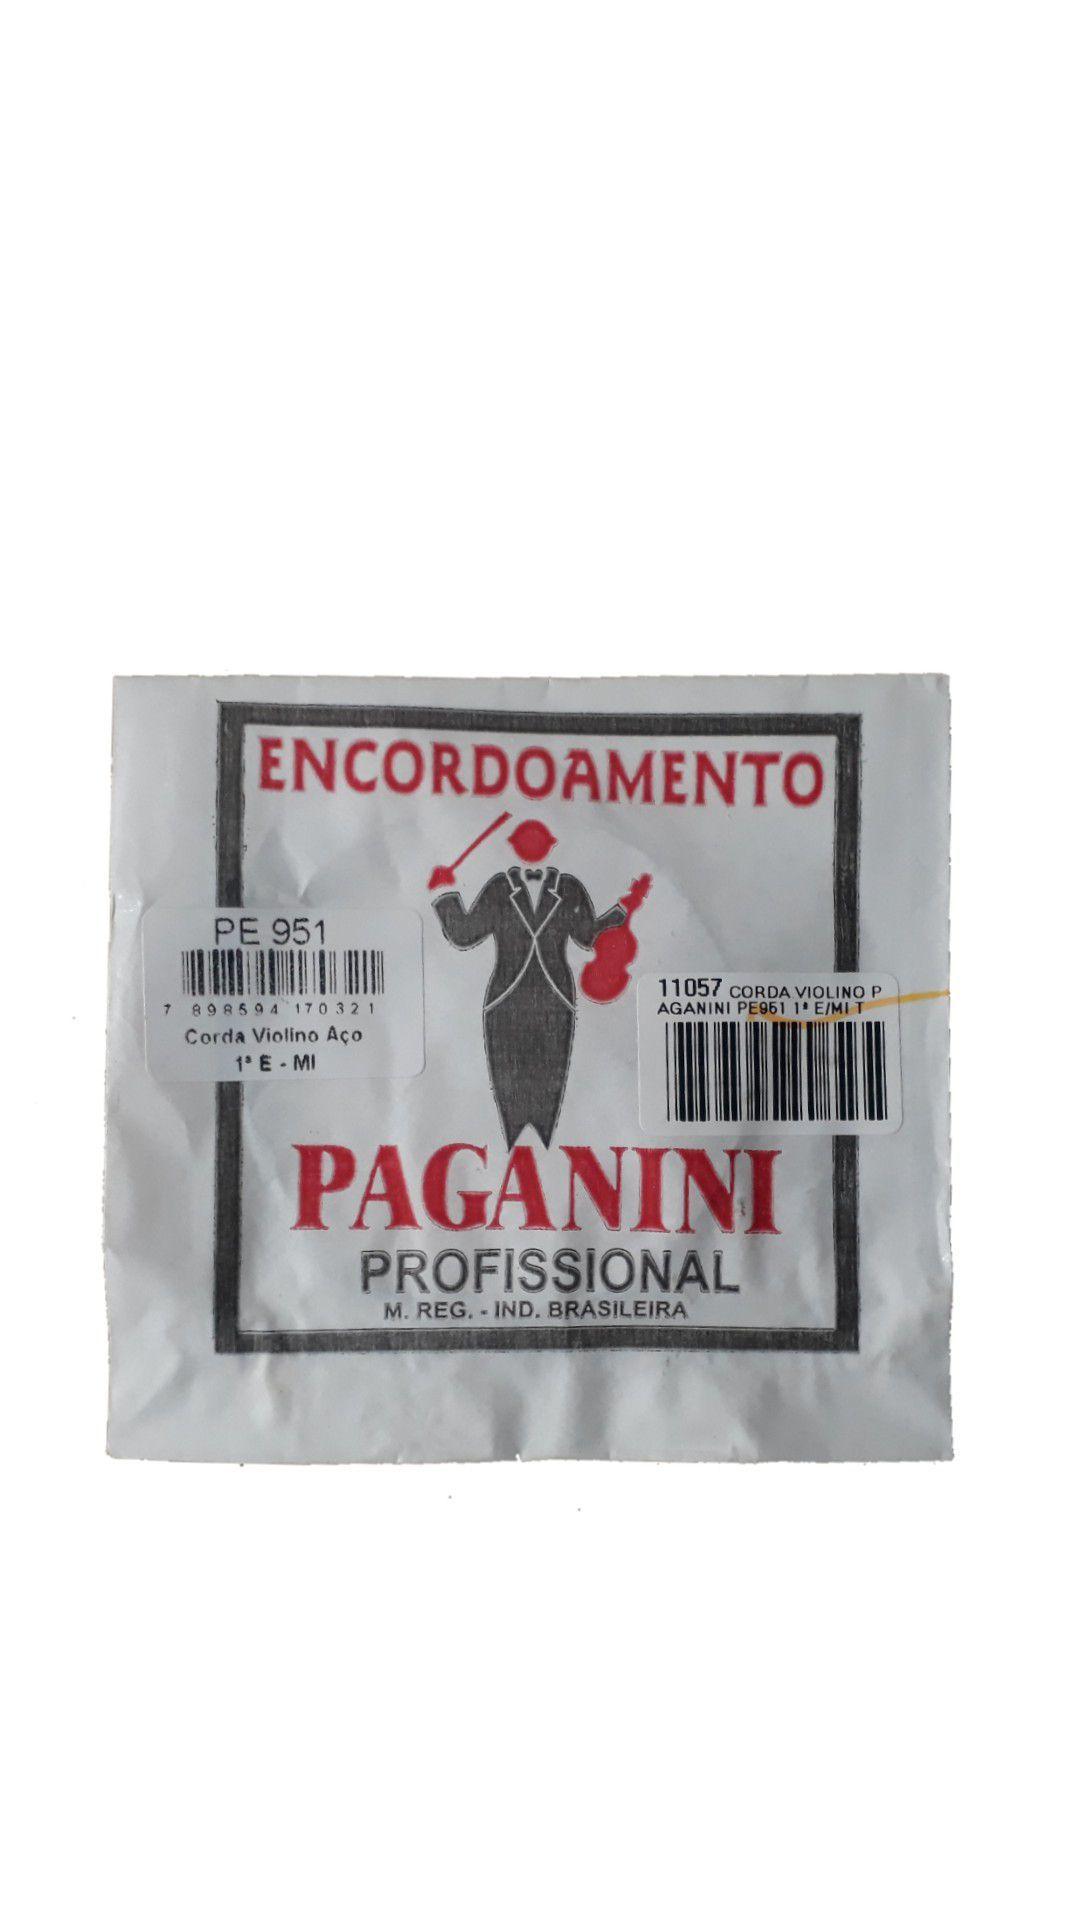 Corda violino Paganini Pe951 1ª E/mi